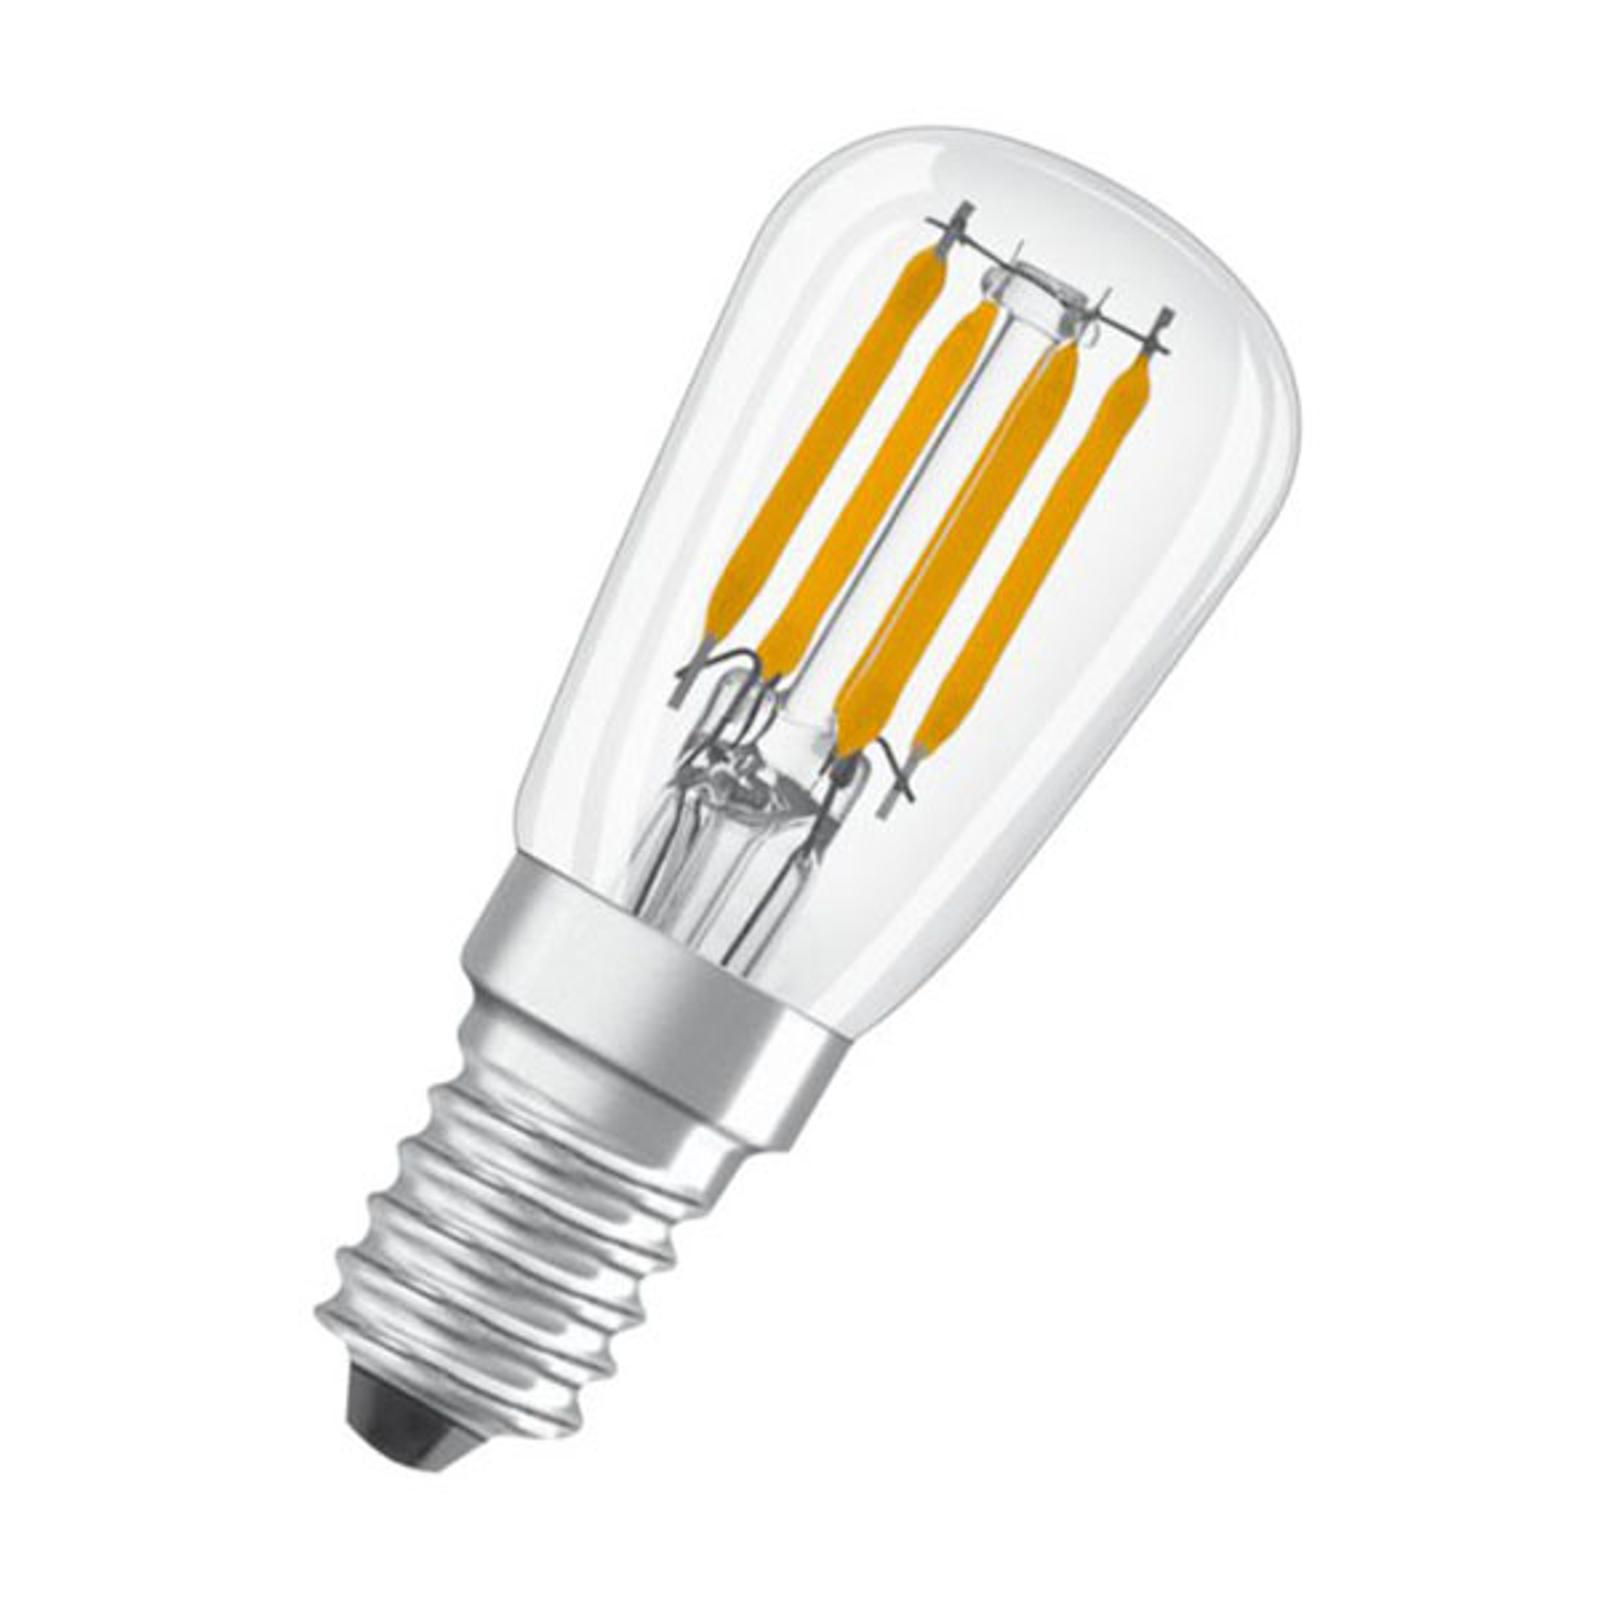 OSRAM LED-Lampe E14 T26 2,8W 2.700K klar 2er-Pack